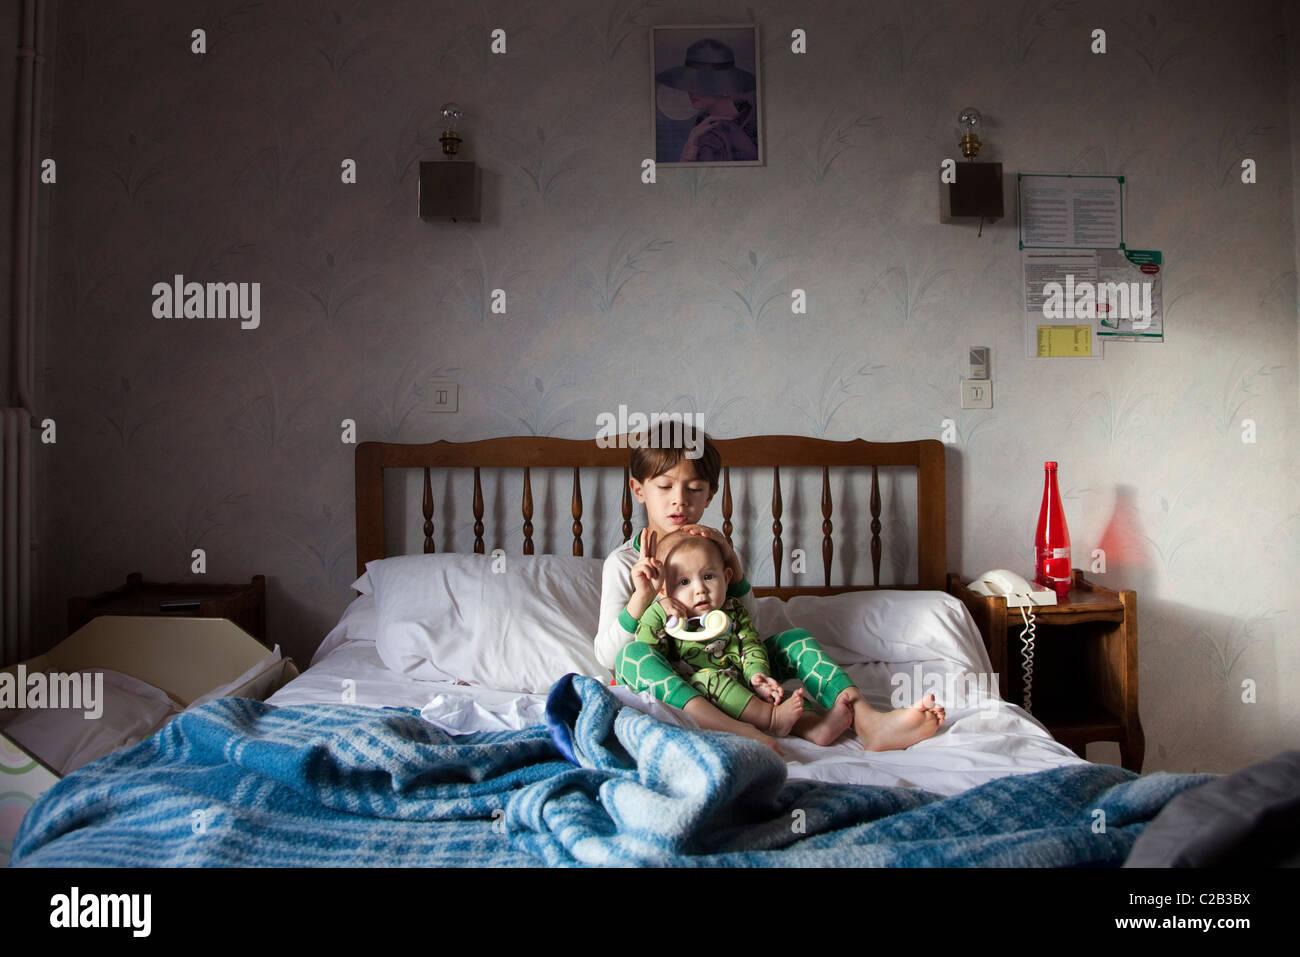 Kleiner Junge sitzt mit seiner kleinen Schwester auf Hotelbett Stockbild